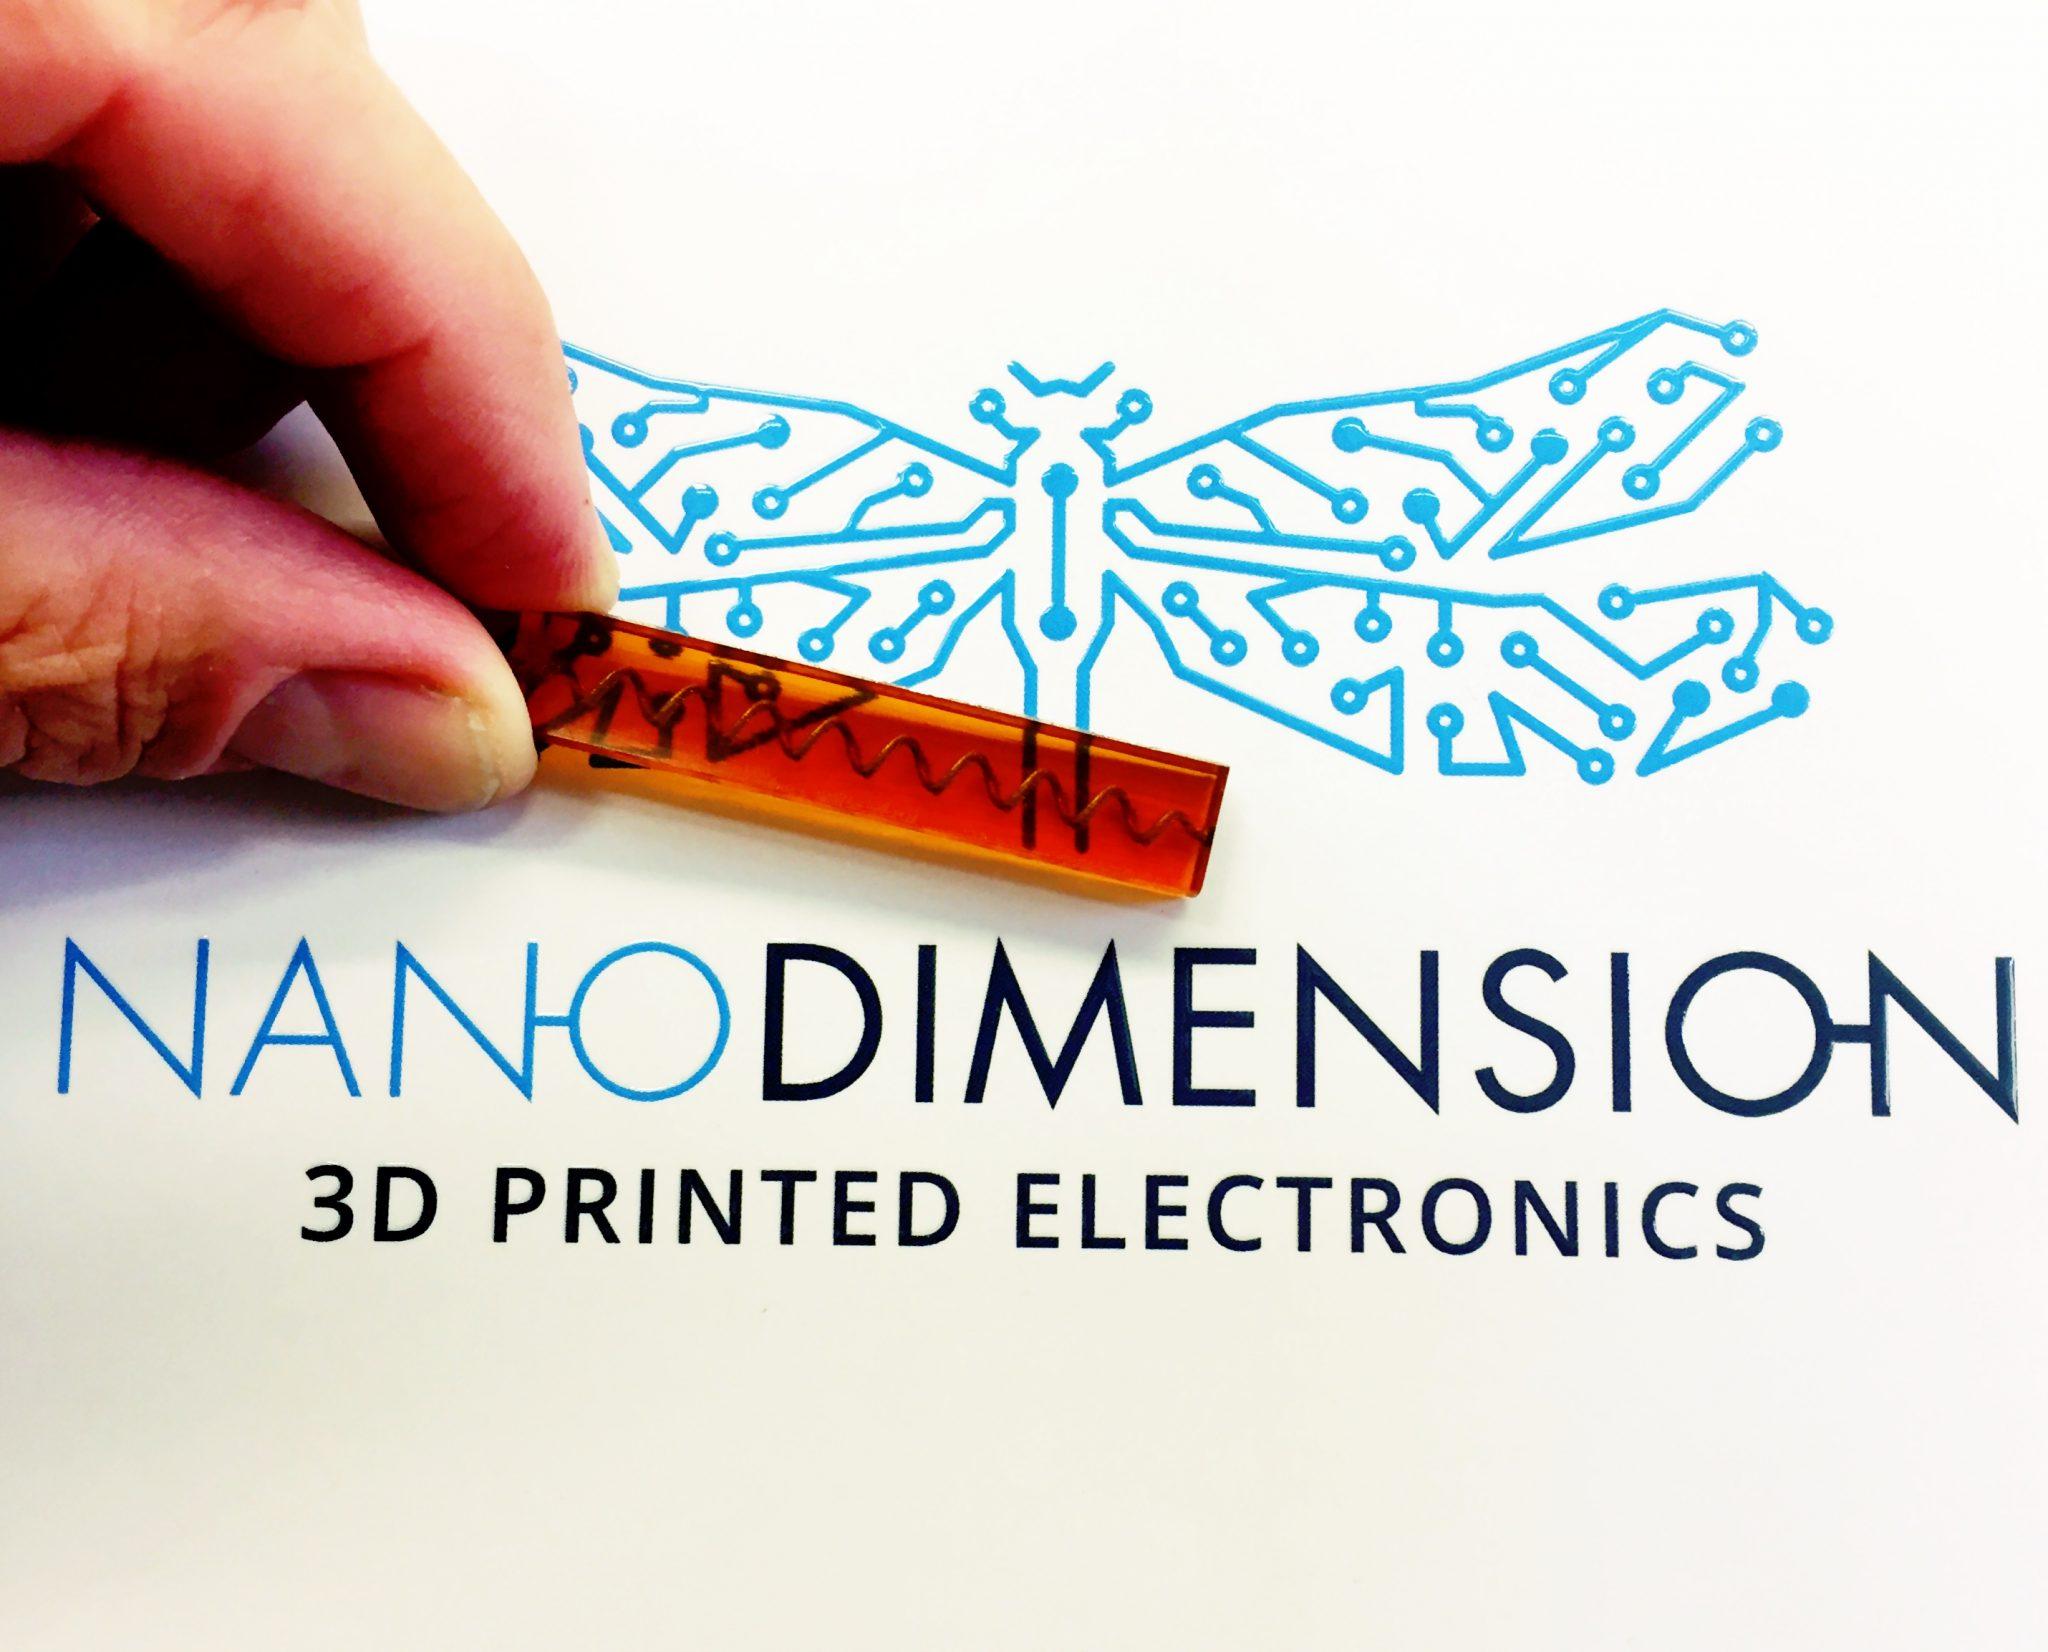 3D printed conductive spiral within a non-planar component. Photo via Nano Dimension